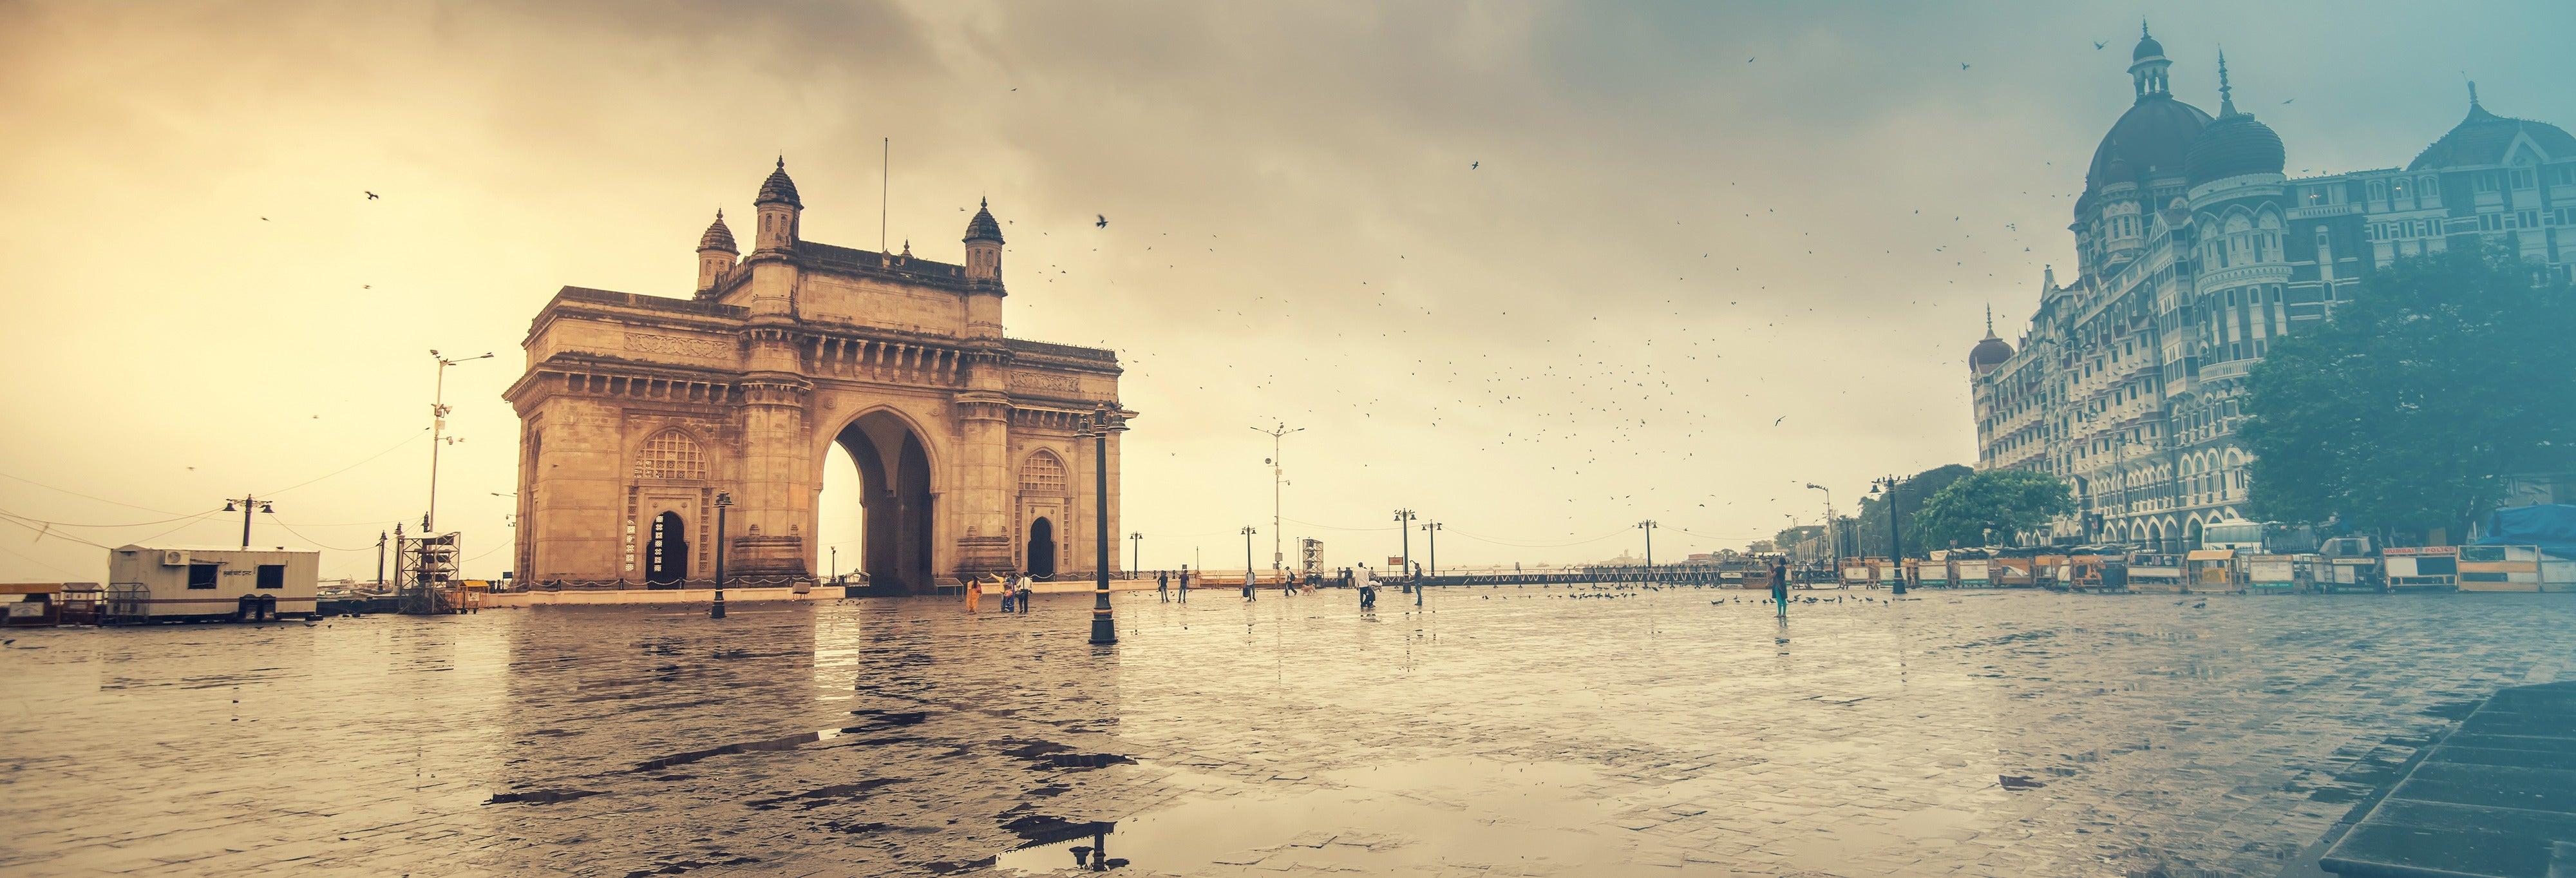 Mumbai by Dawn Private Tour